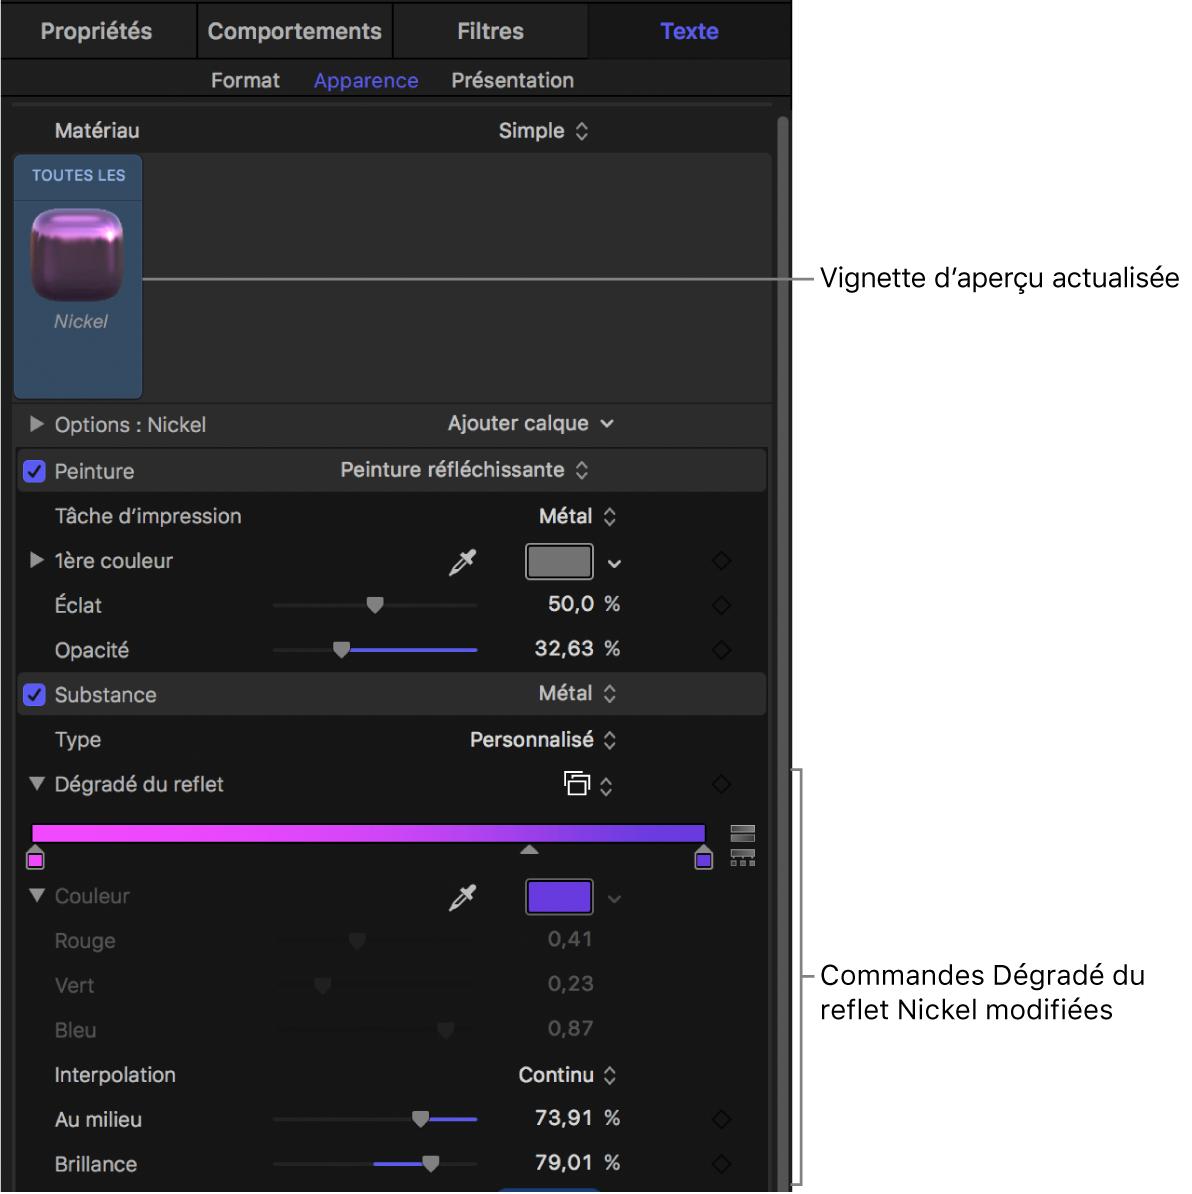 Commandes Dégradé du reflet Nickel modifiées et vignette d'aperçu actualisée dans la fenêtre Apparence de l'inspecteur de texte